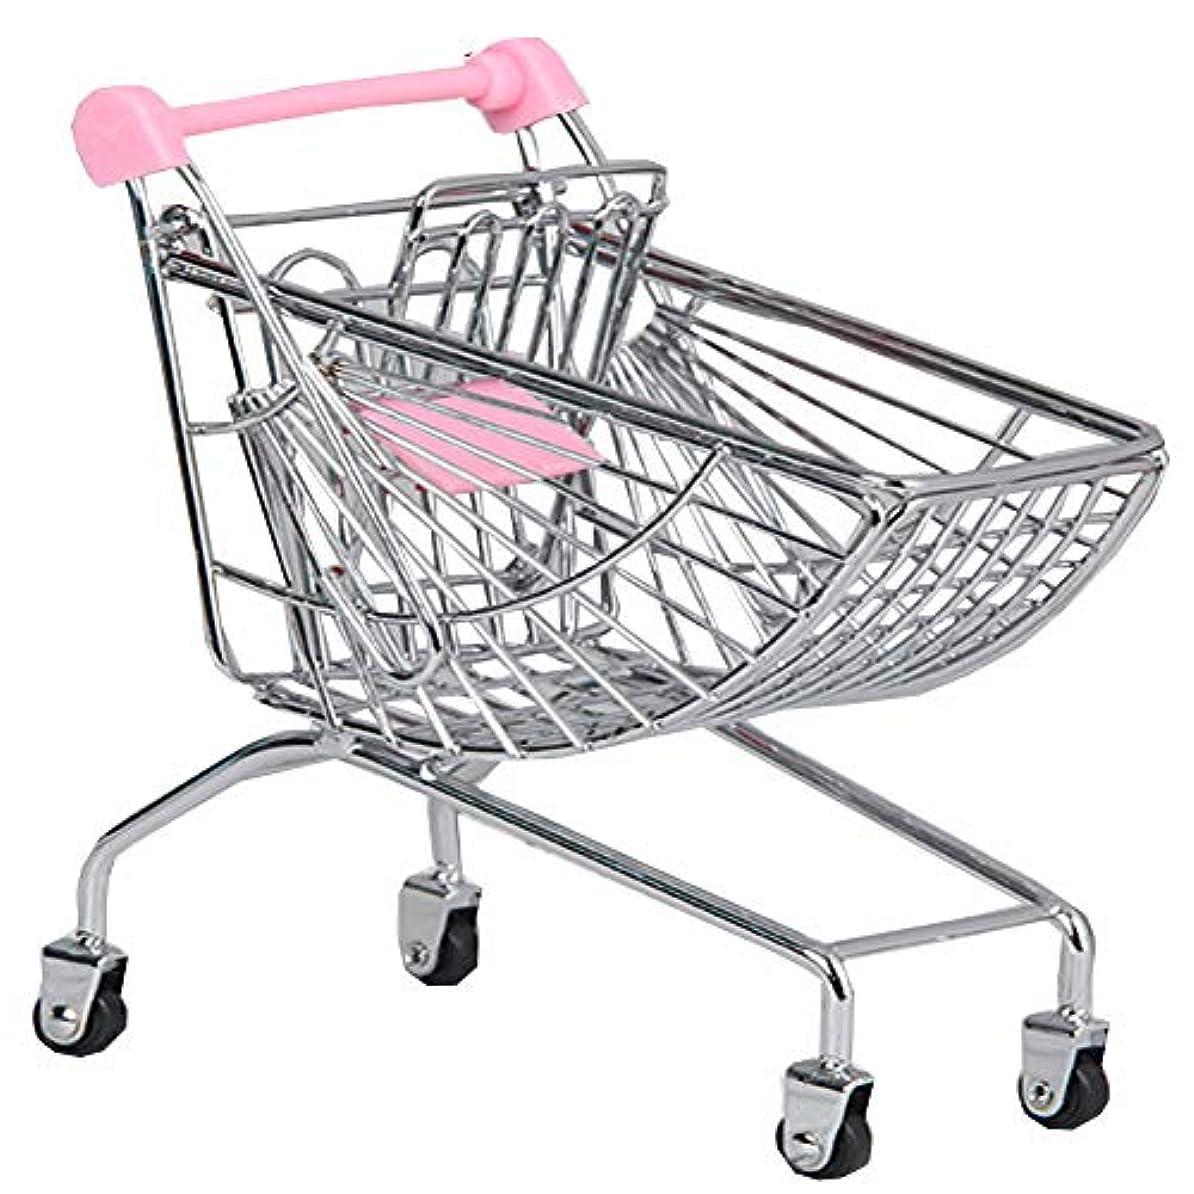 占める労働者石炭ミニショッピングカートおもちゃミニスーパーマーケットハンドカート、デスクトップ収納、ピンク#10